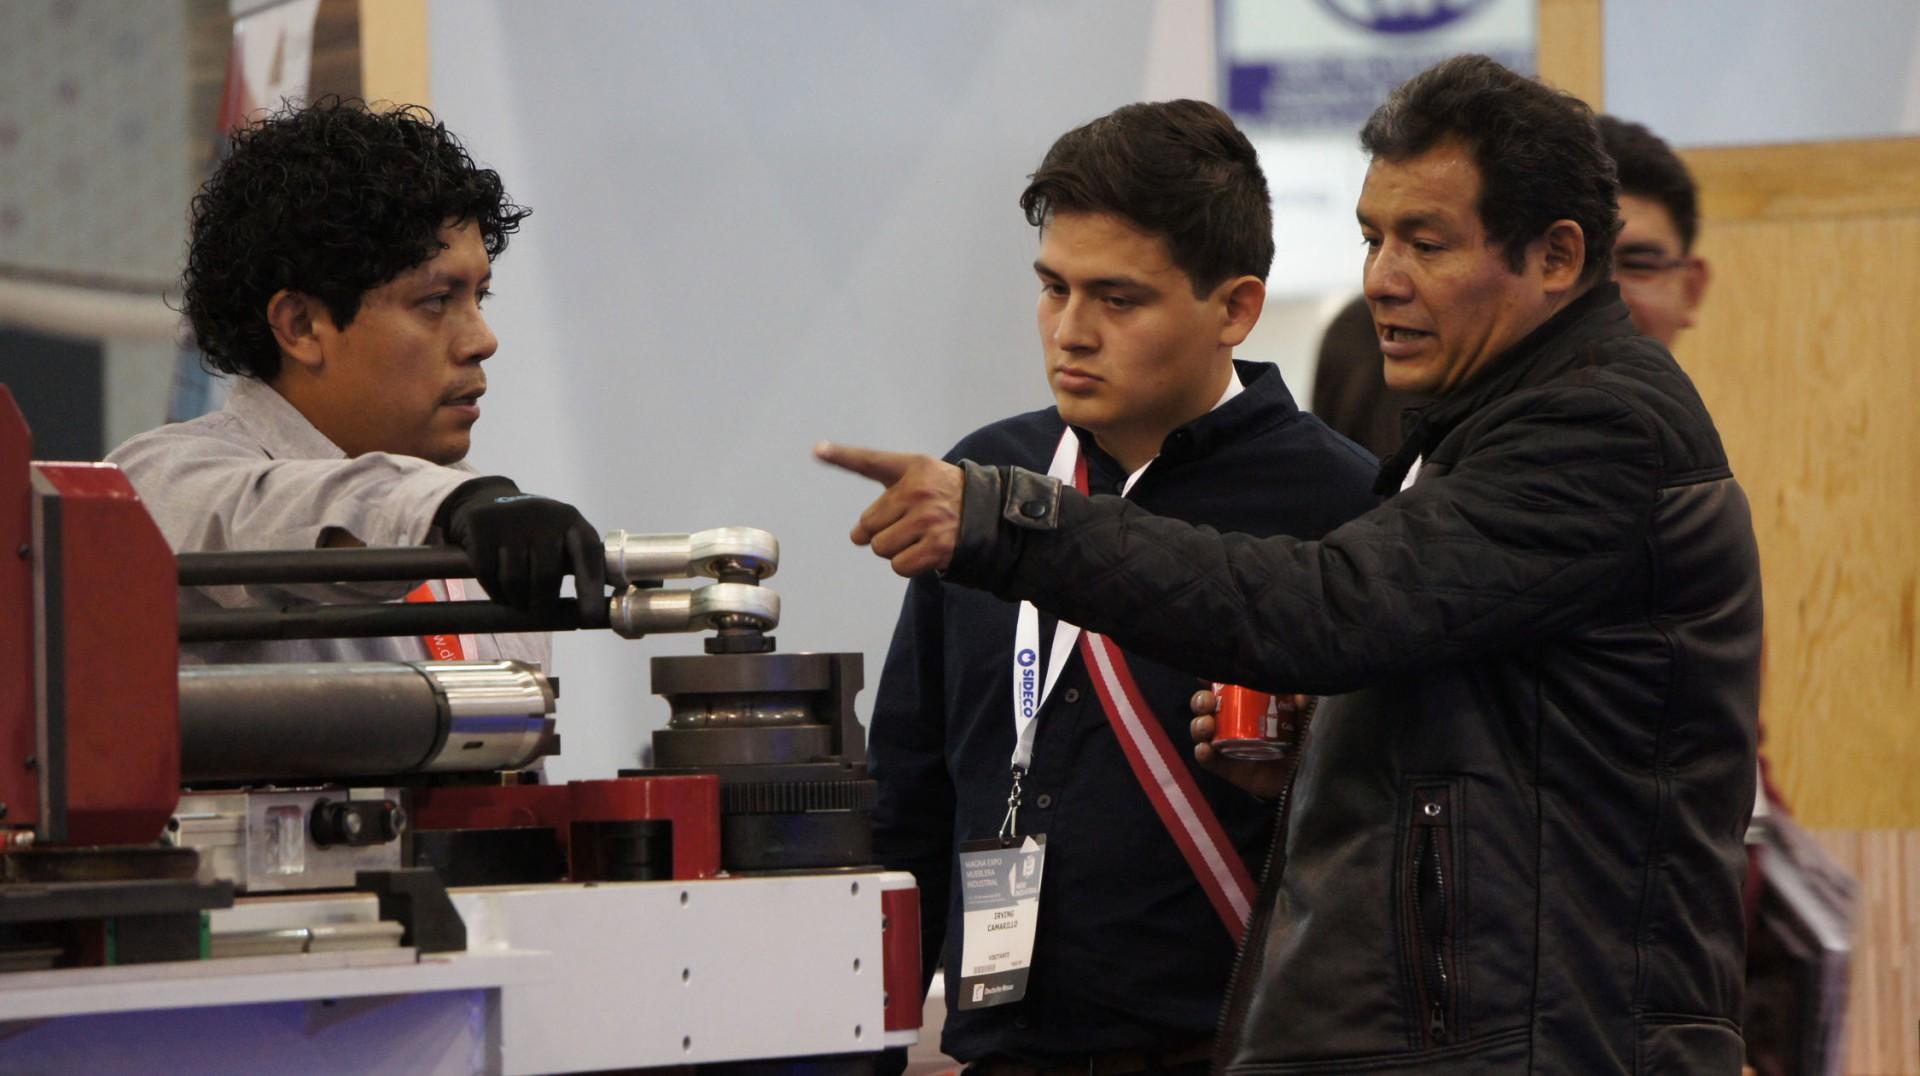 Targi Magna Expo Mueblera odbyły się w mieście Meksyku w dniach 17-20 stycznia 2018 roku. Fot. Deutsche Messe